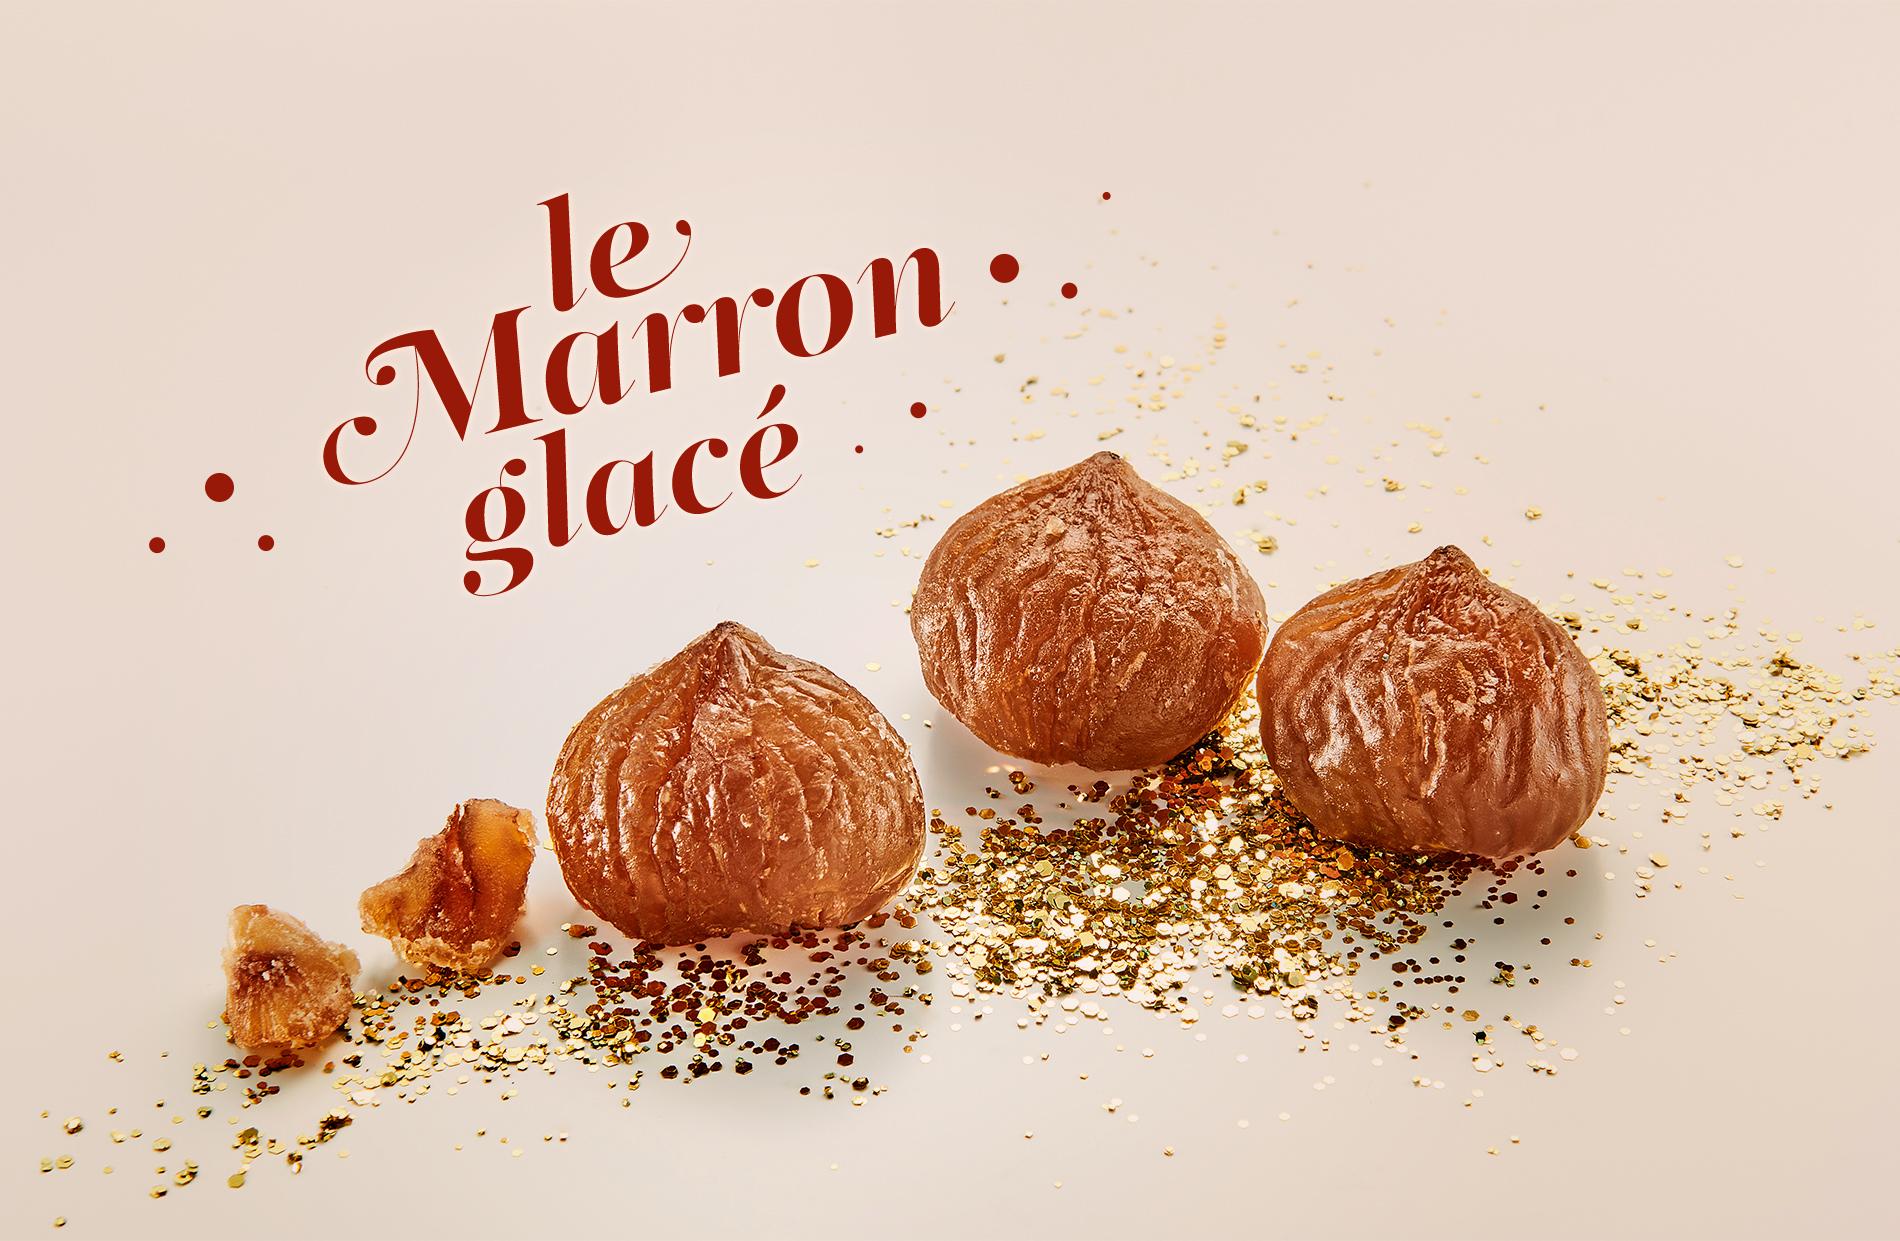 Le Marron Glacé